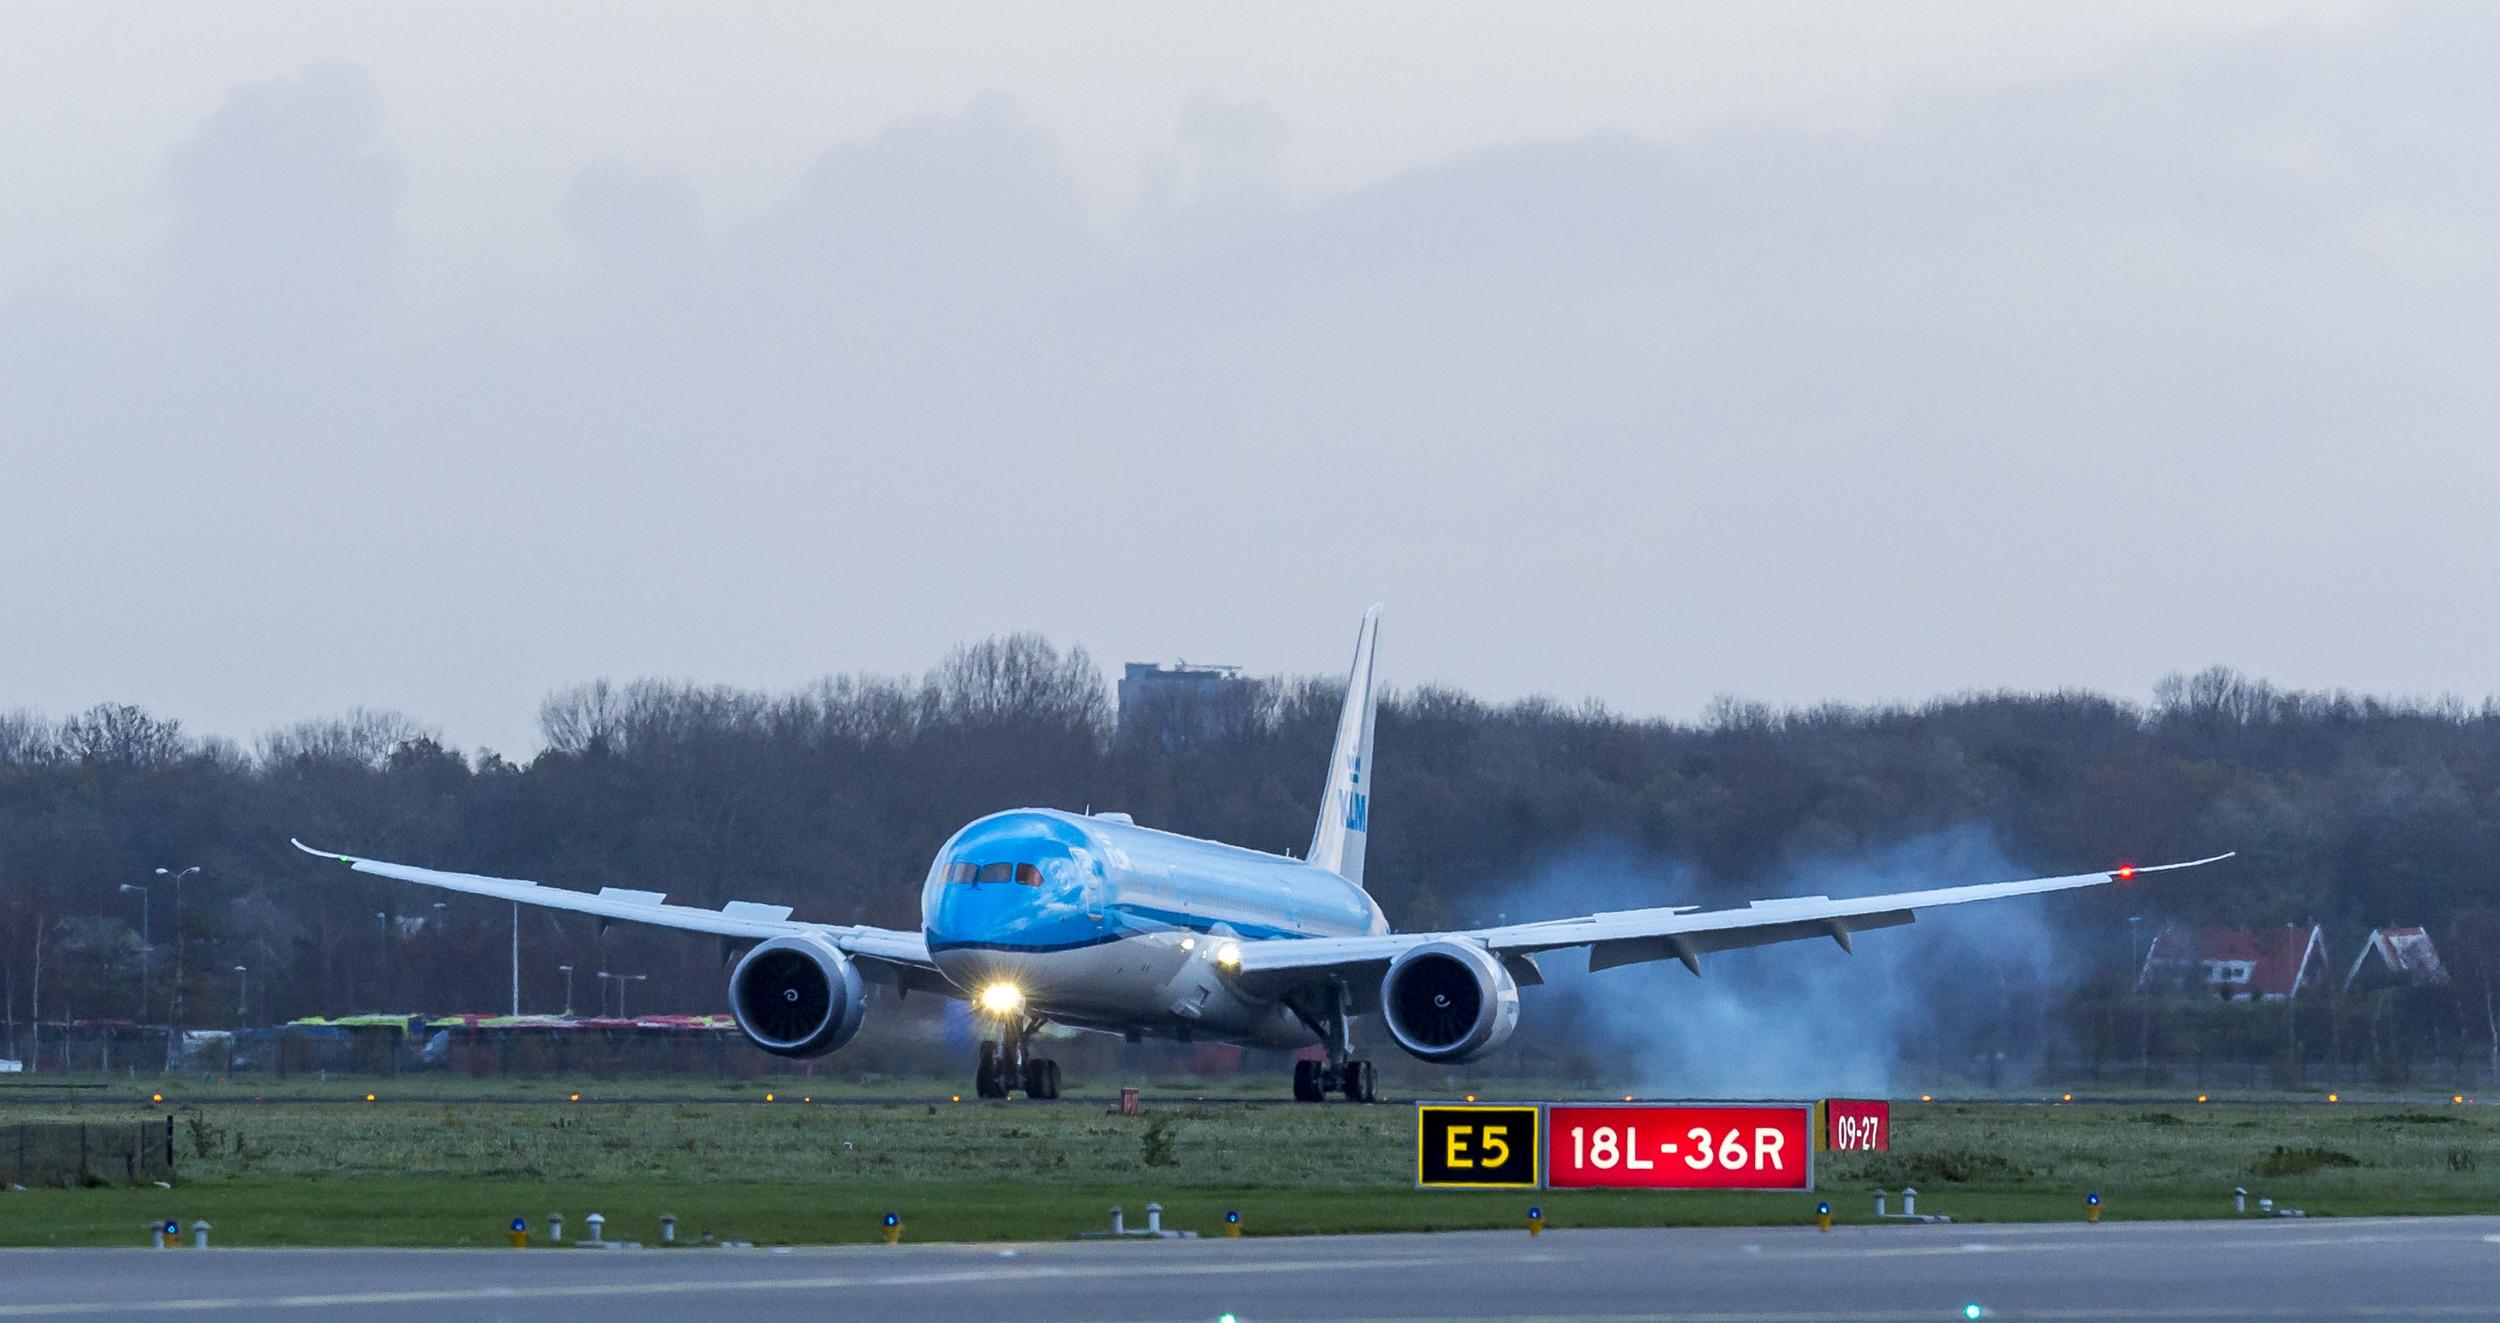 Bonuspoeng kan du samle på mange ulike måter. Etterpå kan du dra på flyreiser. Foto: Odd Roar Lange